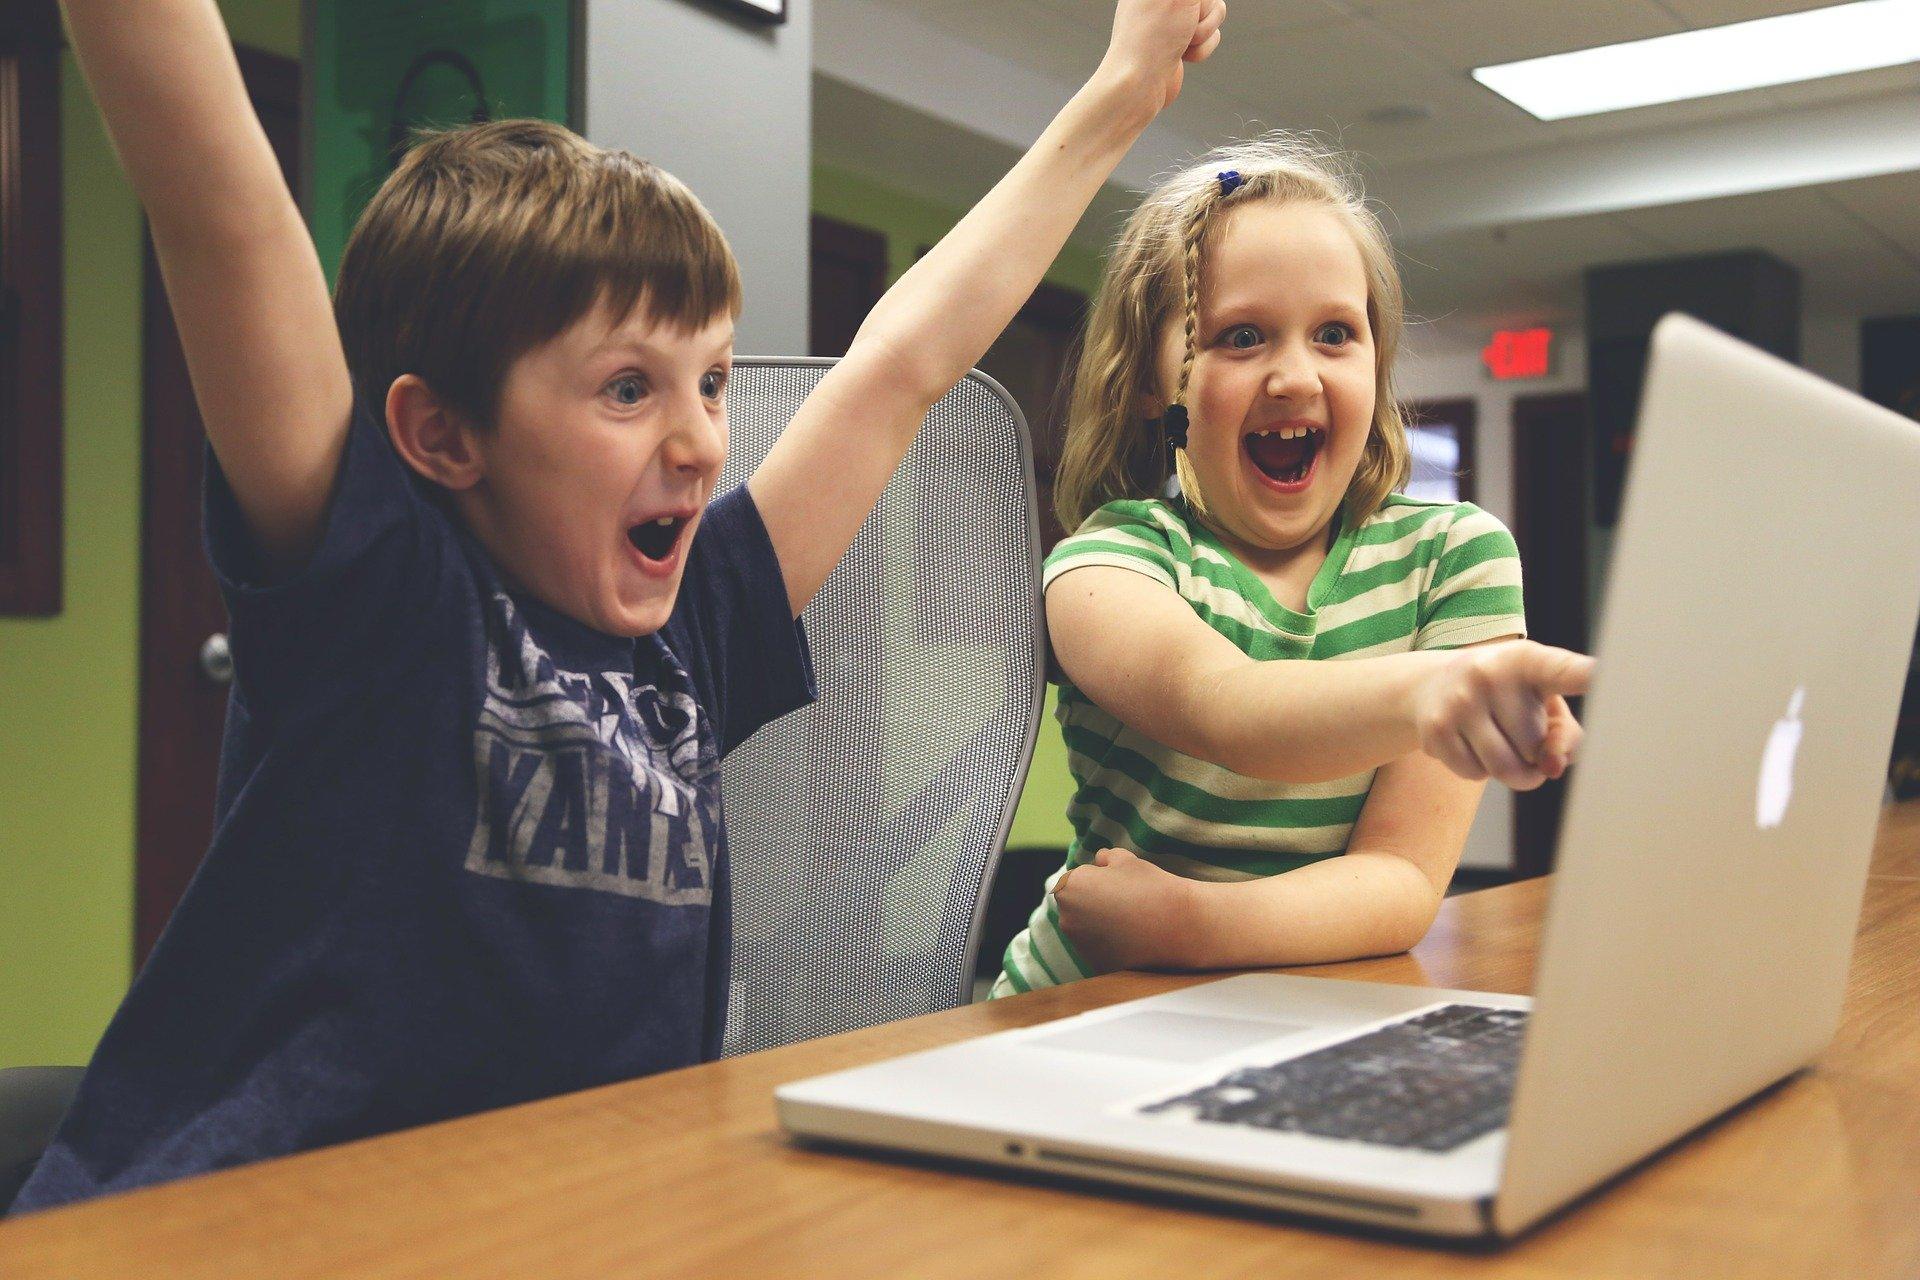 Børn spiller computer